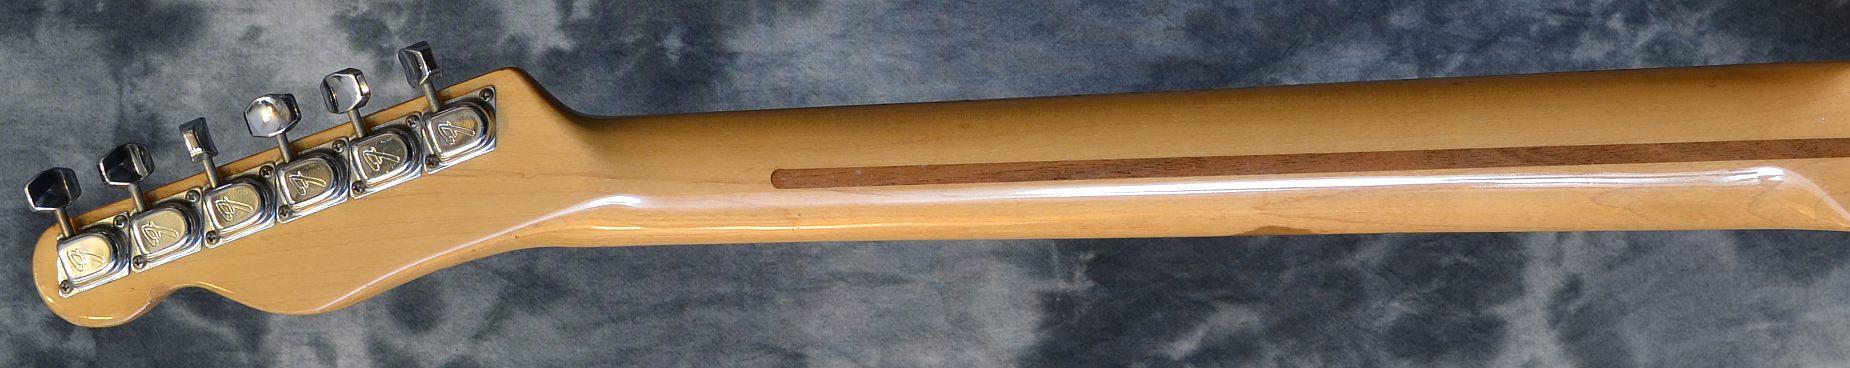 Fender_Tele Custom_1974(C)_neck